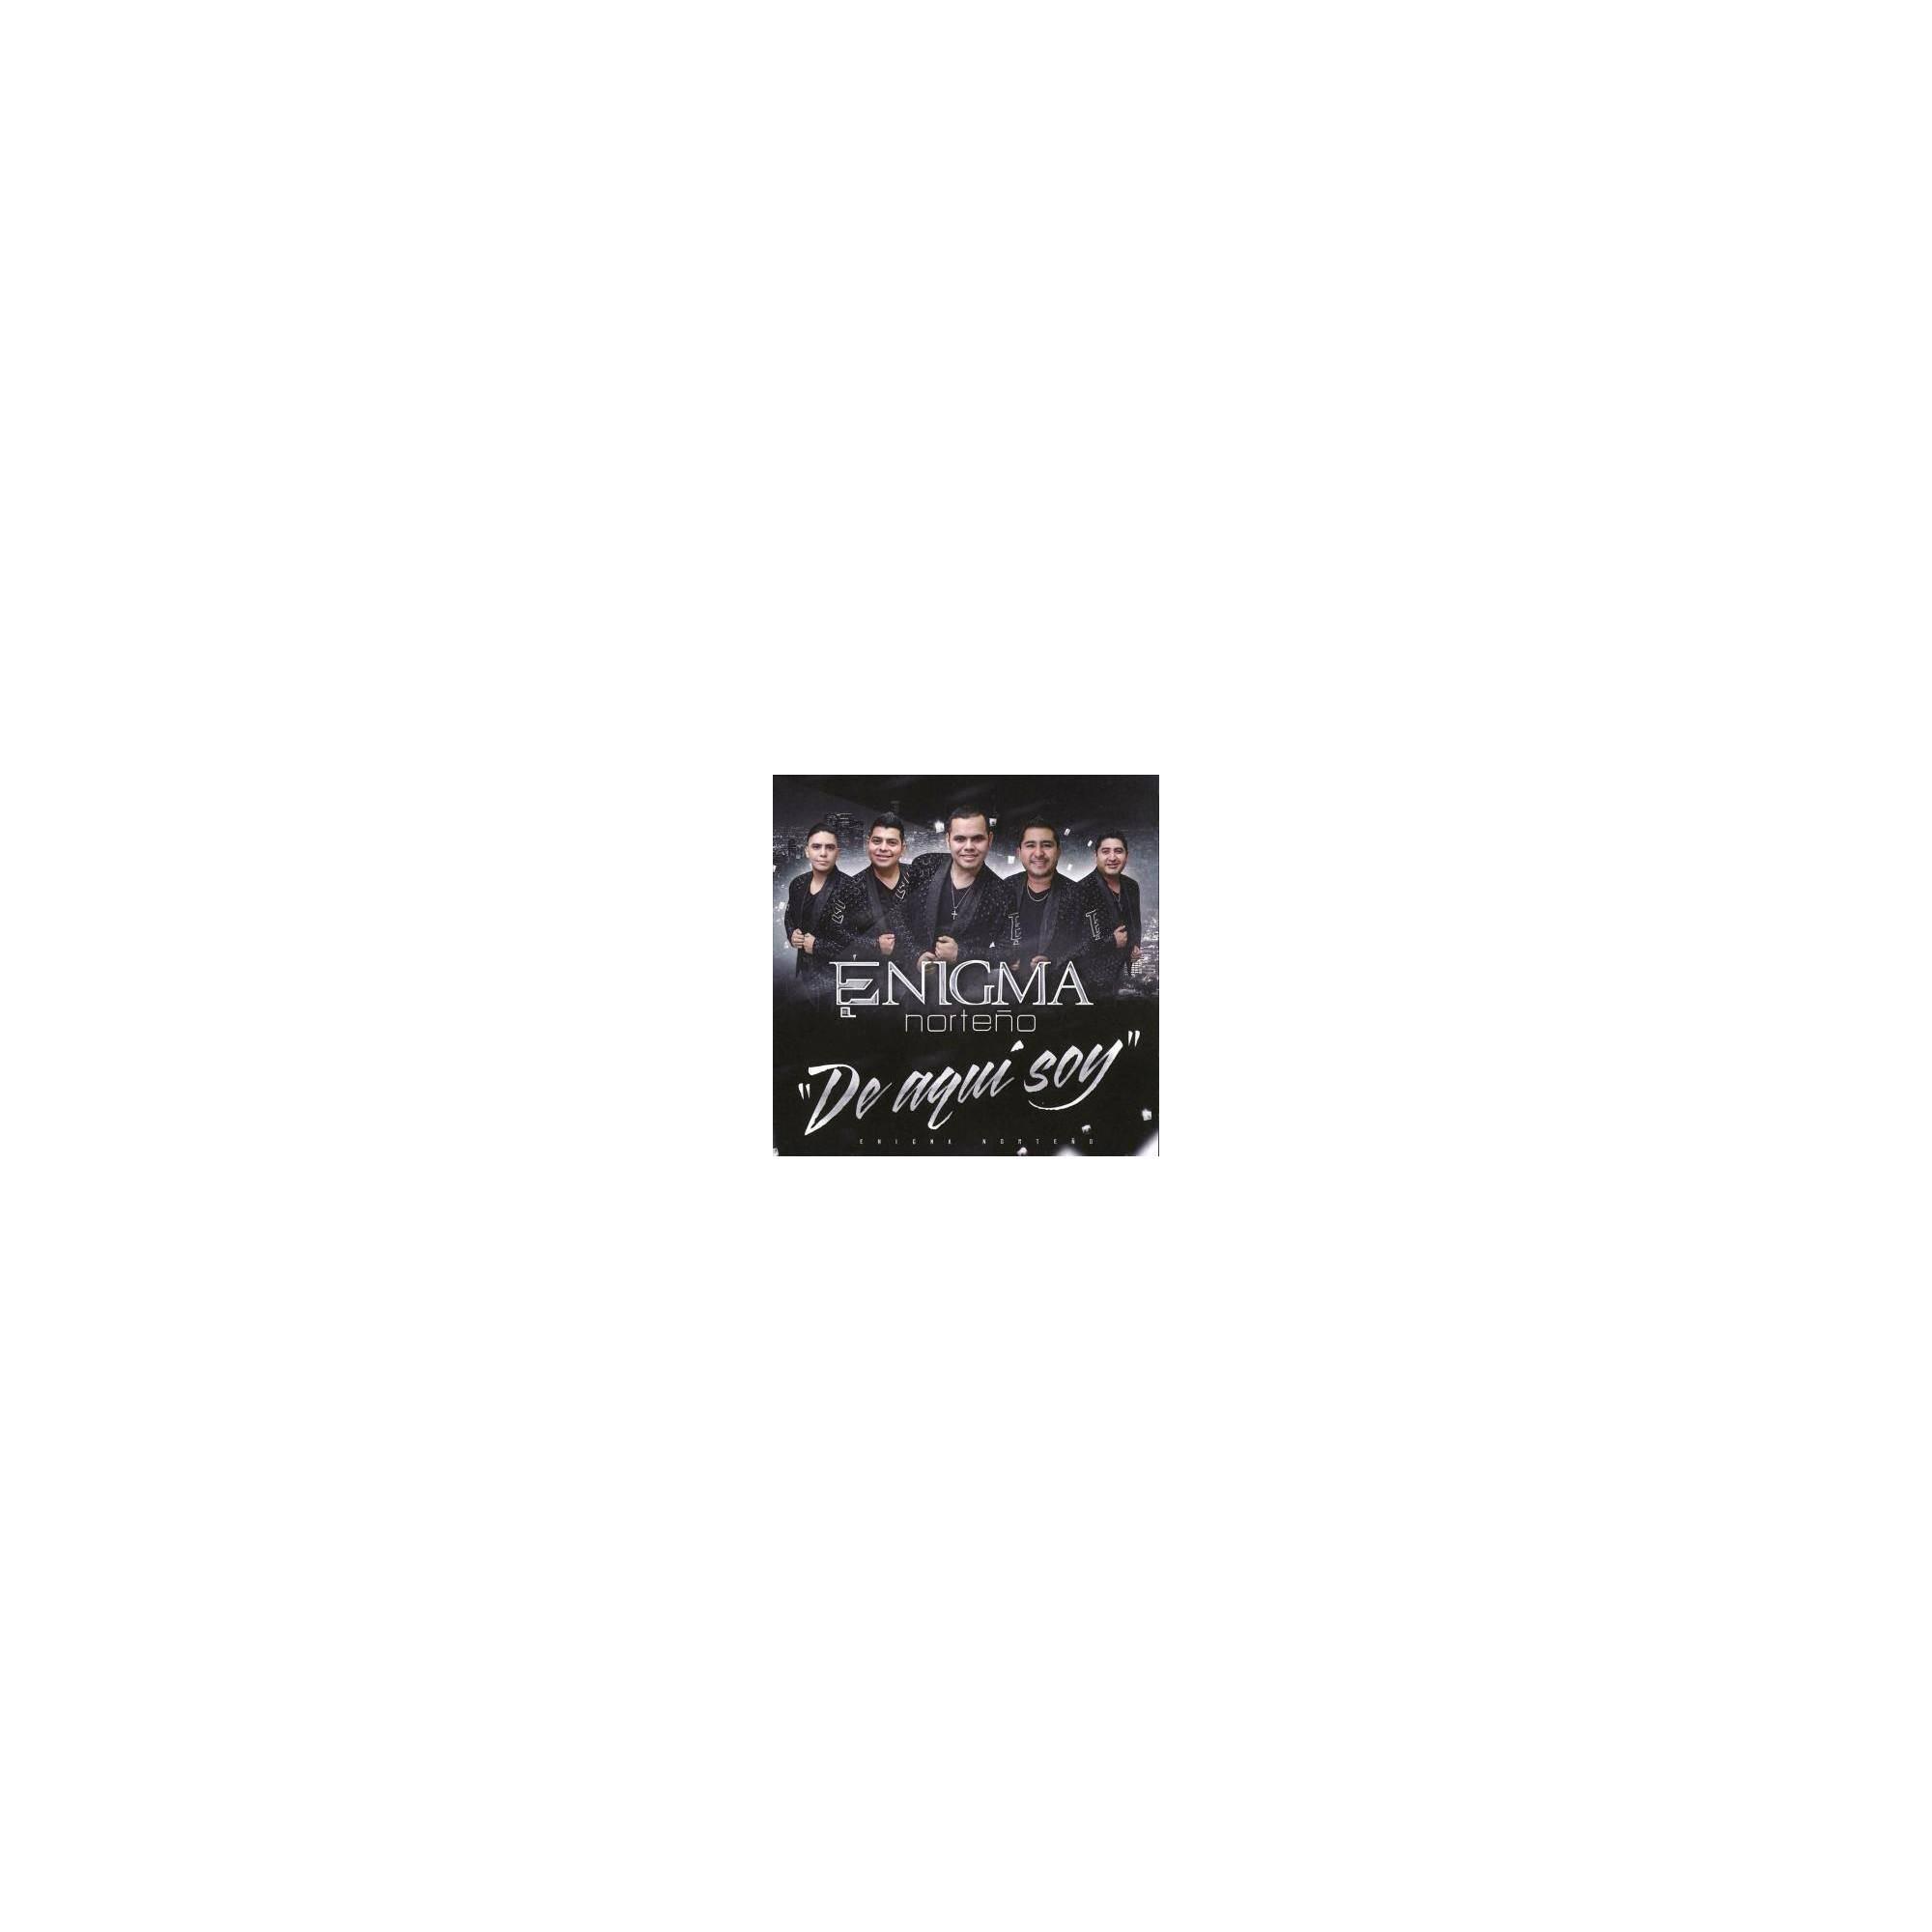 Enigma Norteno - De Aqui Soy (CD)